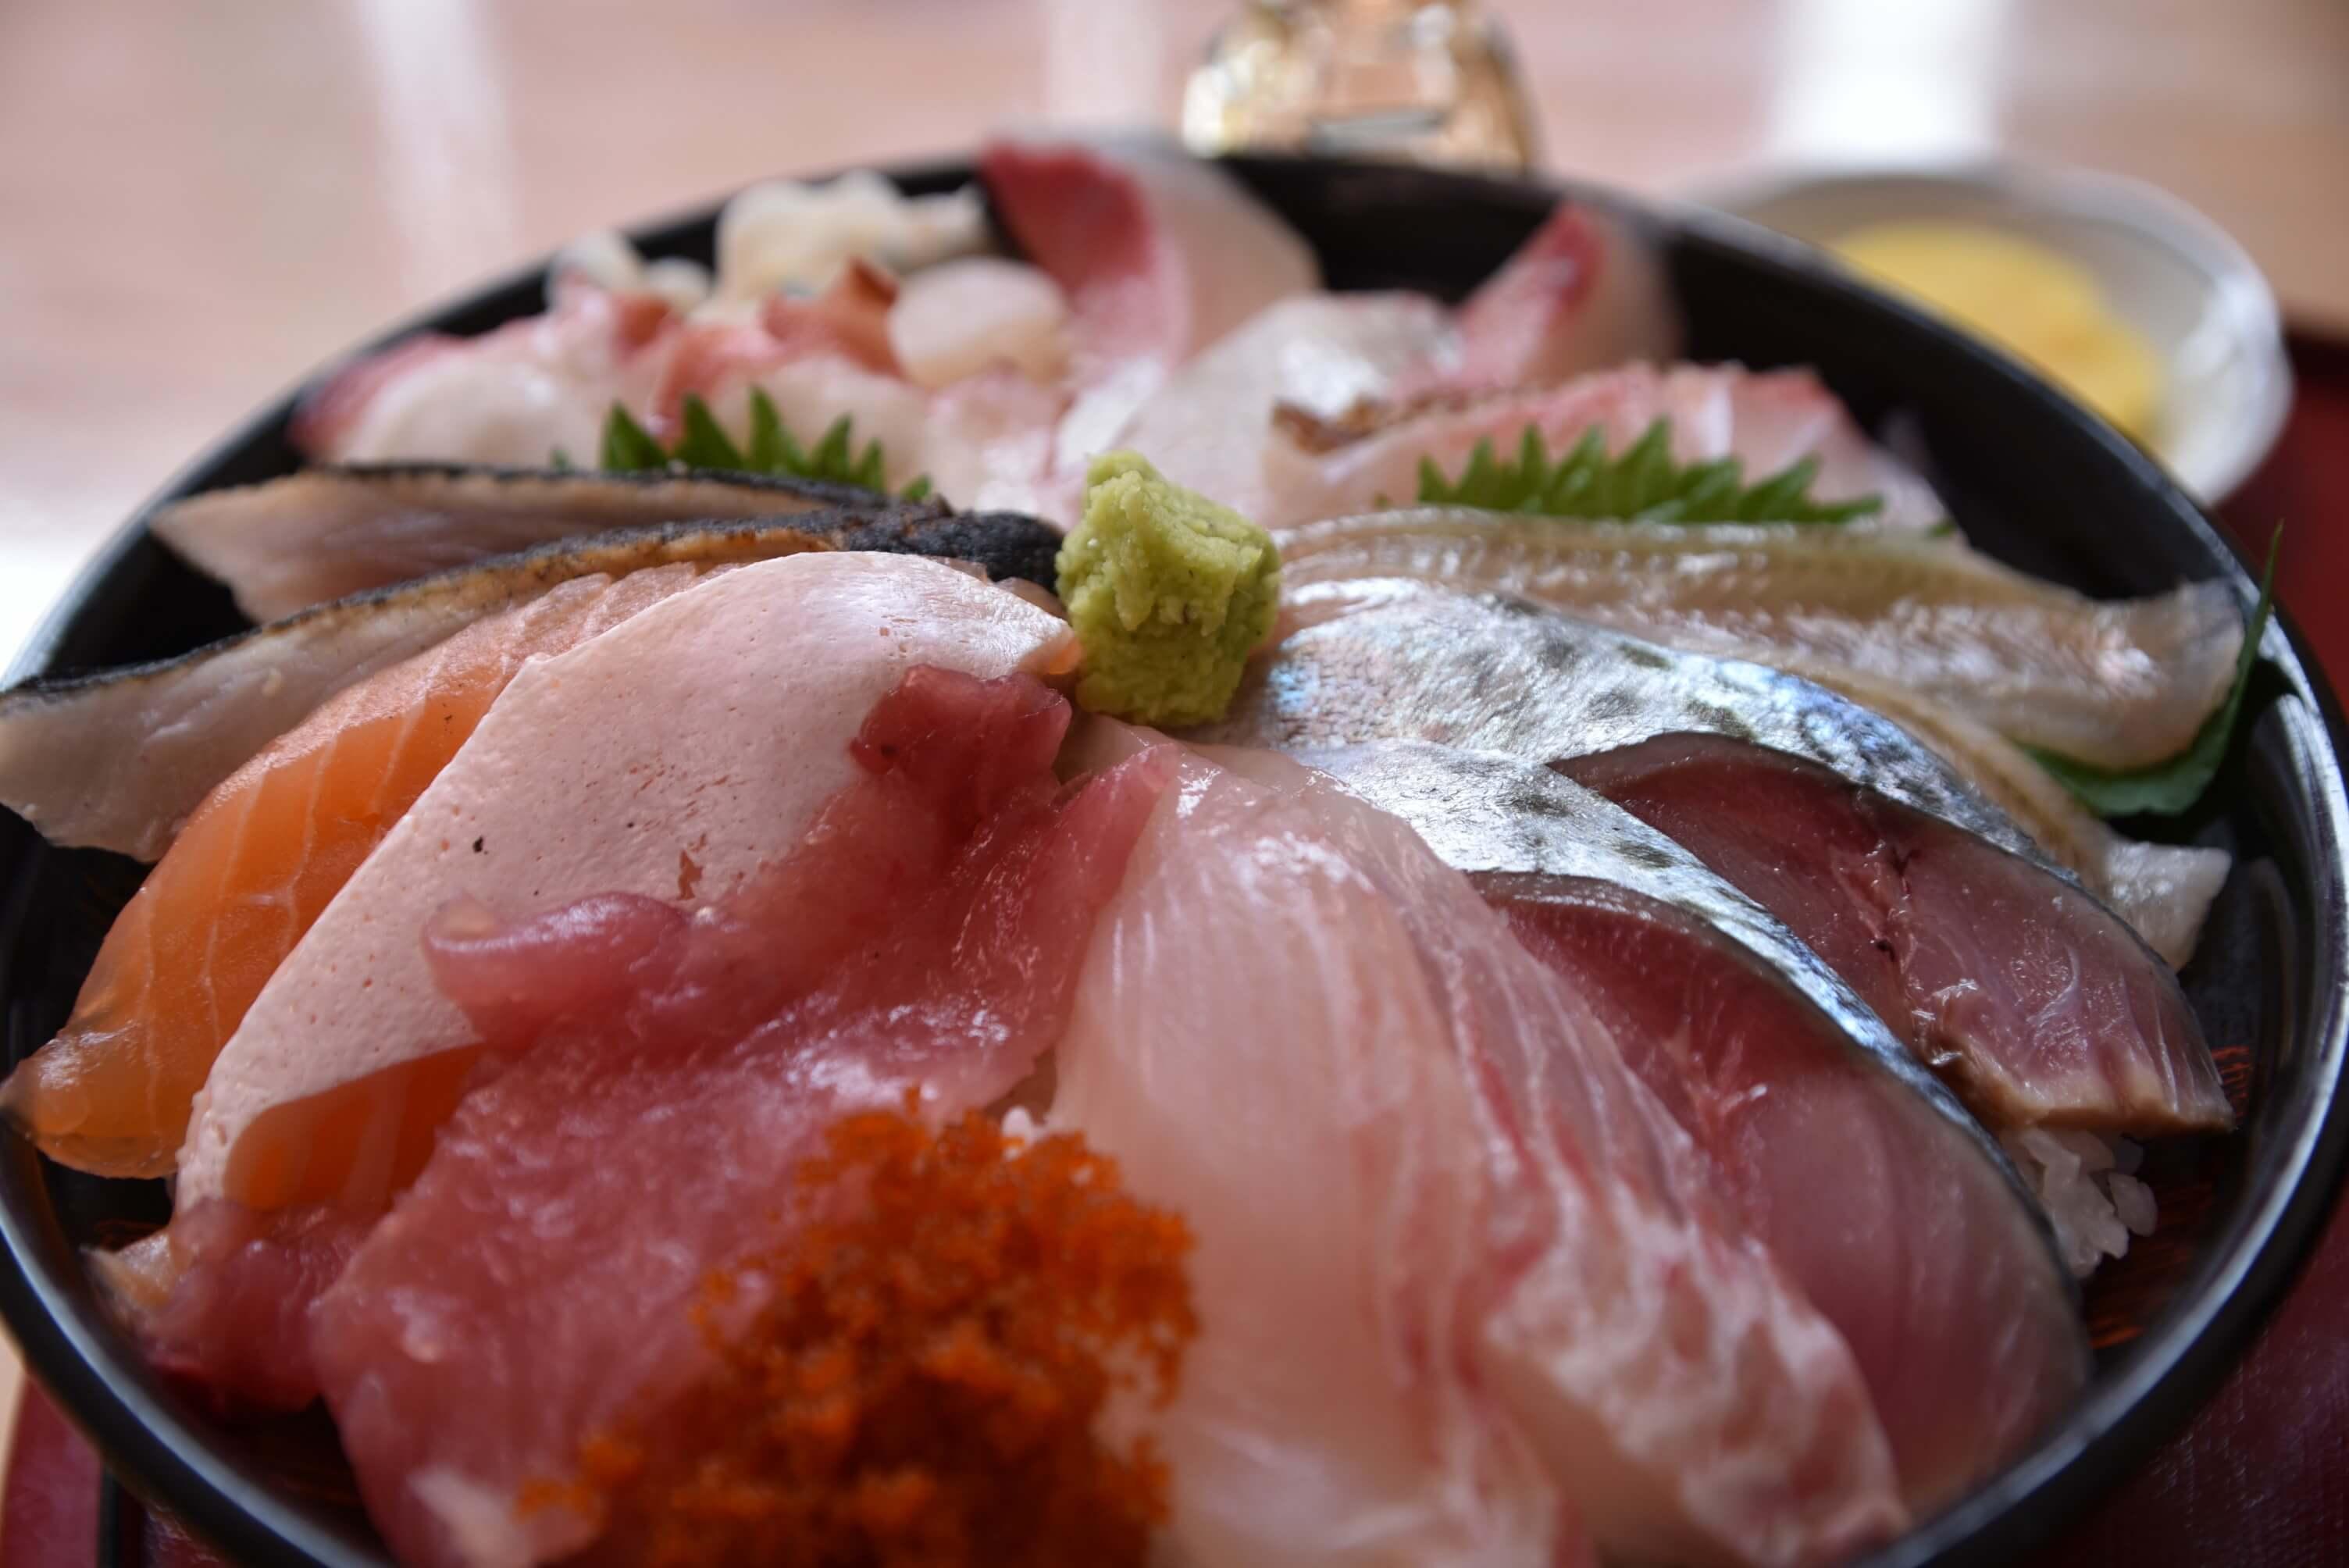 【鳥取県・鳥取市】鳥取砂丘の側にある「鯛喜」さんで海鮮丼を食べてきた。   Sushi Sakana design